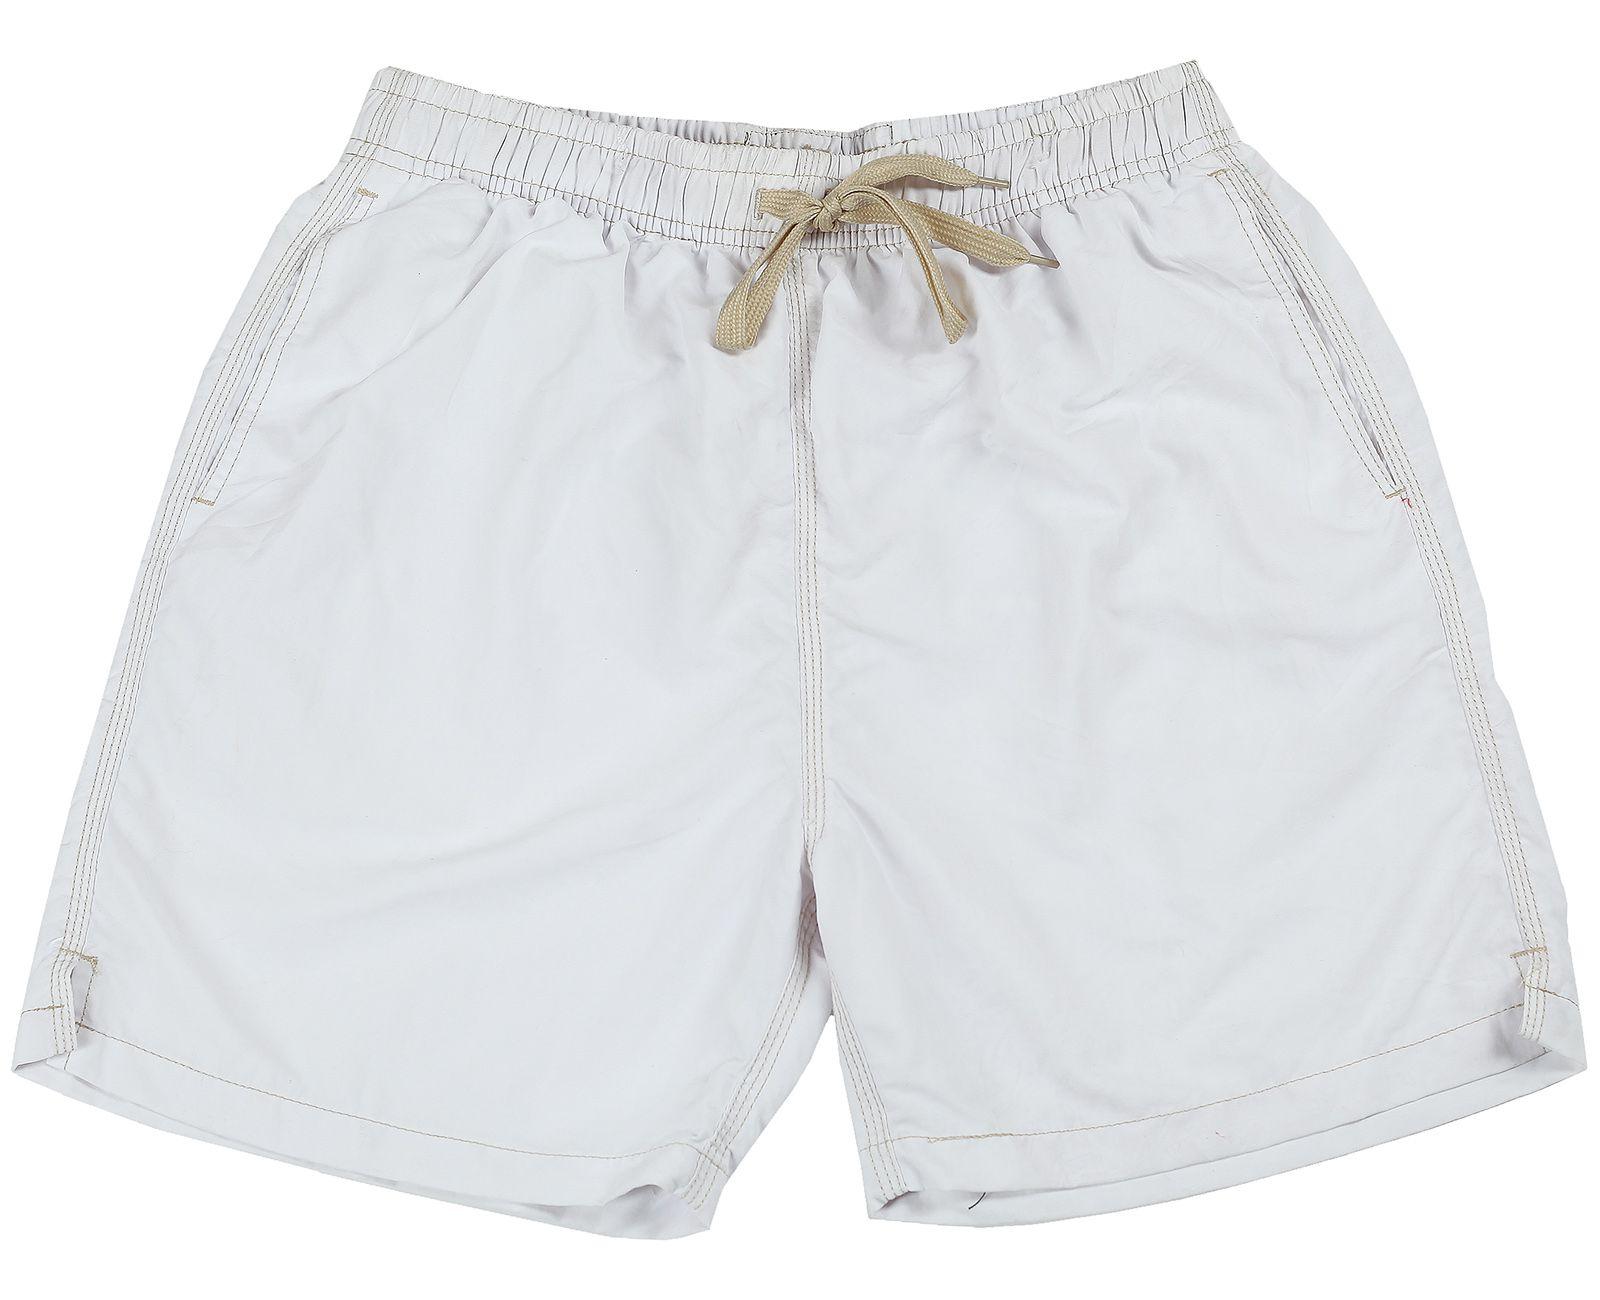 Теннисные мужские шорты от Stalker Weekend